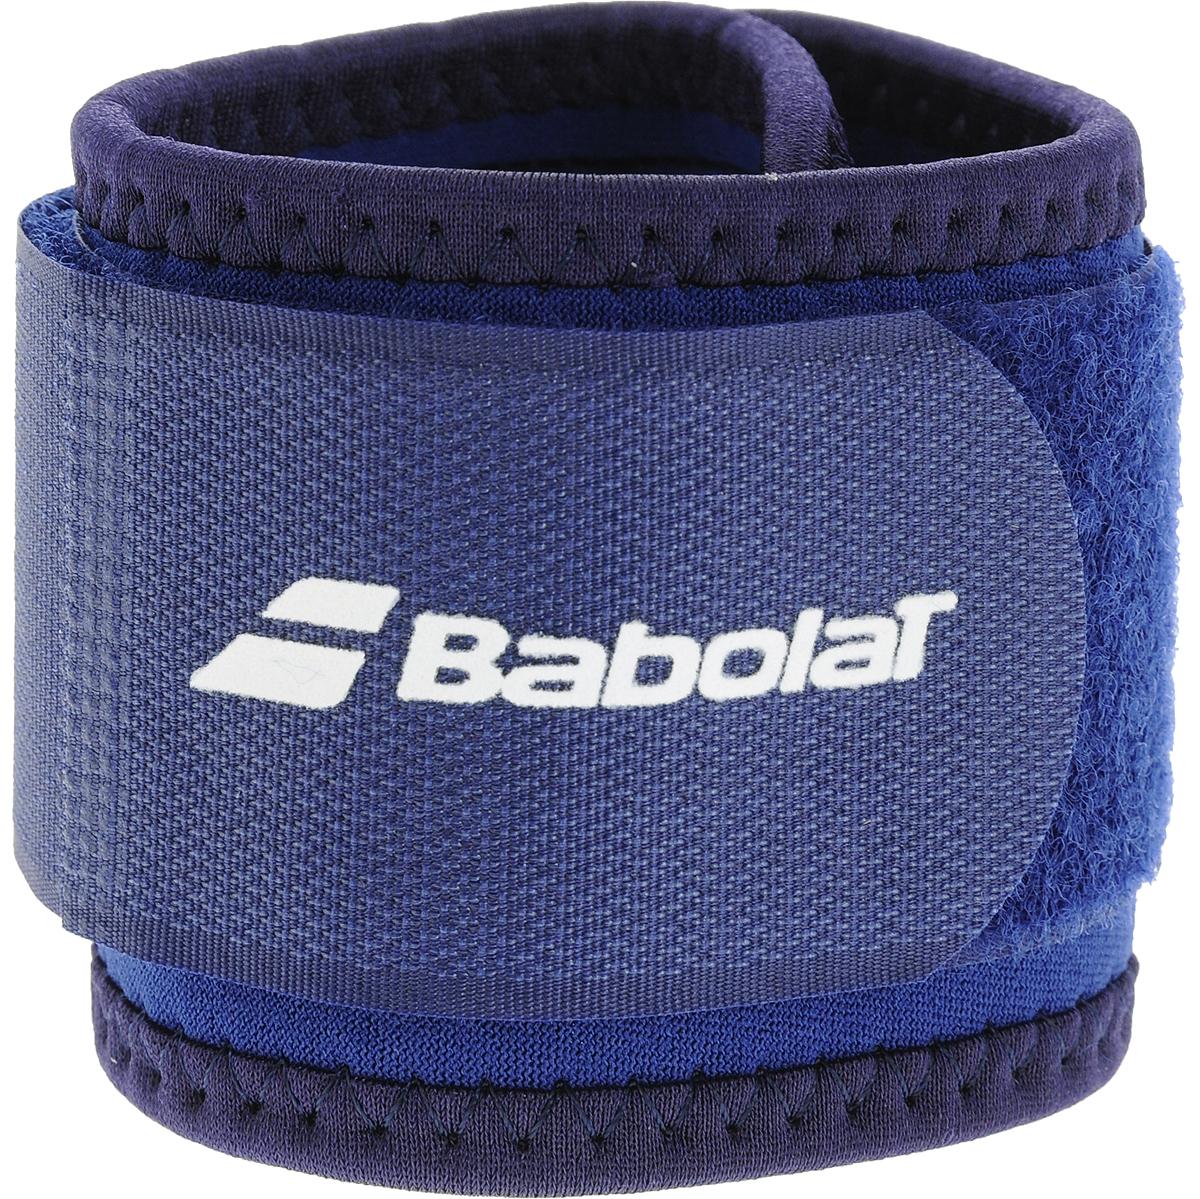 Поддержка локтя BABOLAT Tennis Elbow Support - X1 (Теннис Элбоу Саппорт)720005Повязка сжимает мышцы и стабилизирует суставы,обеспечивает безопасную игру.